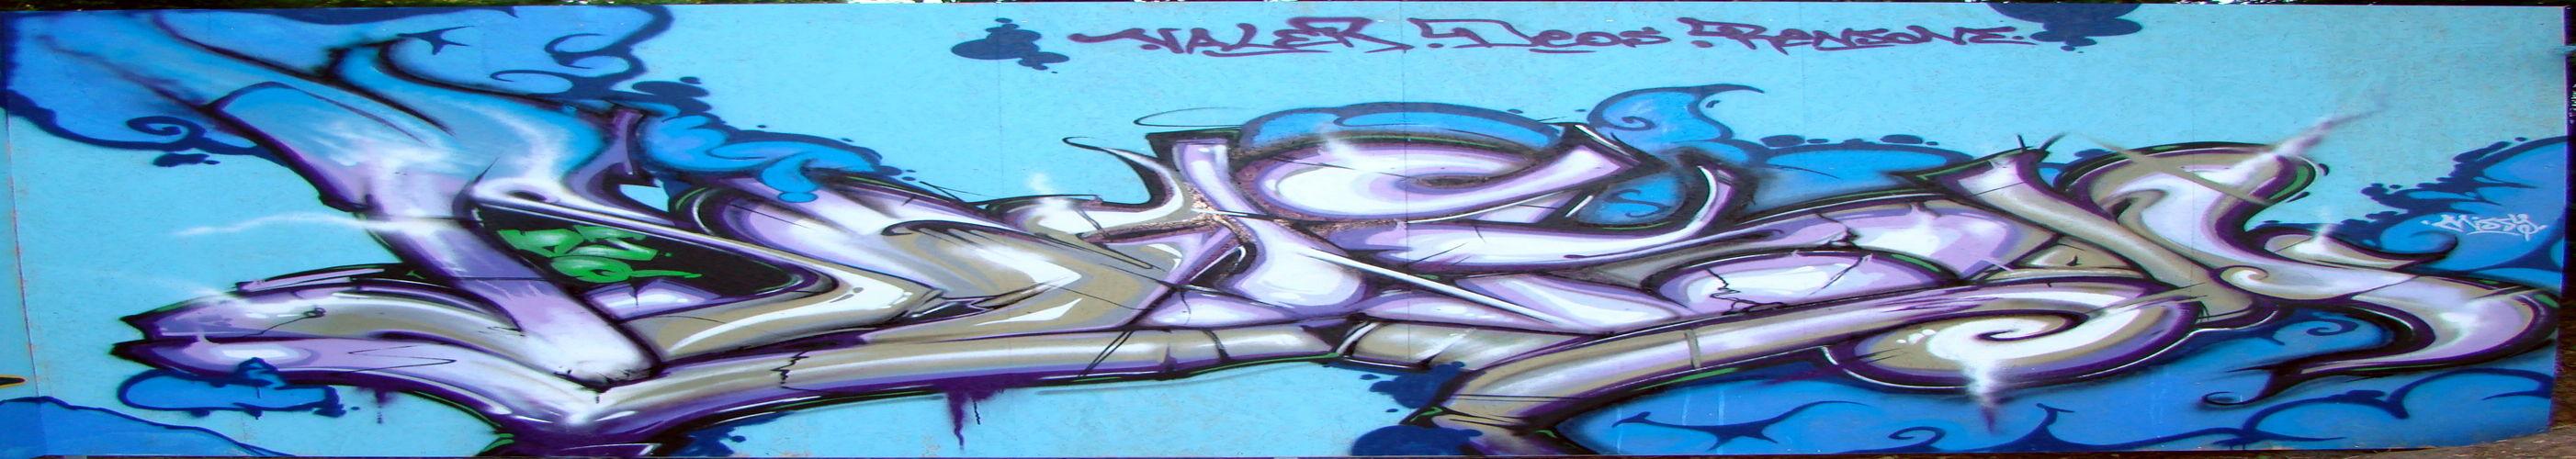 Fresques par rensone haguenau france street art et - 4 murs haguenau ...